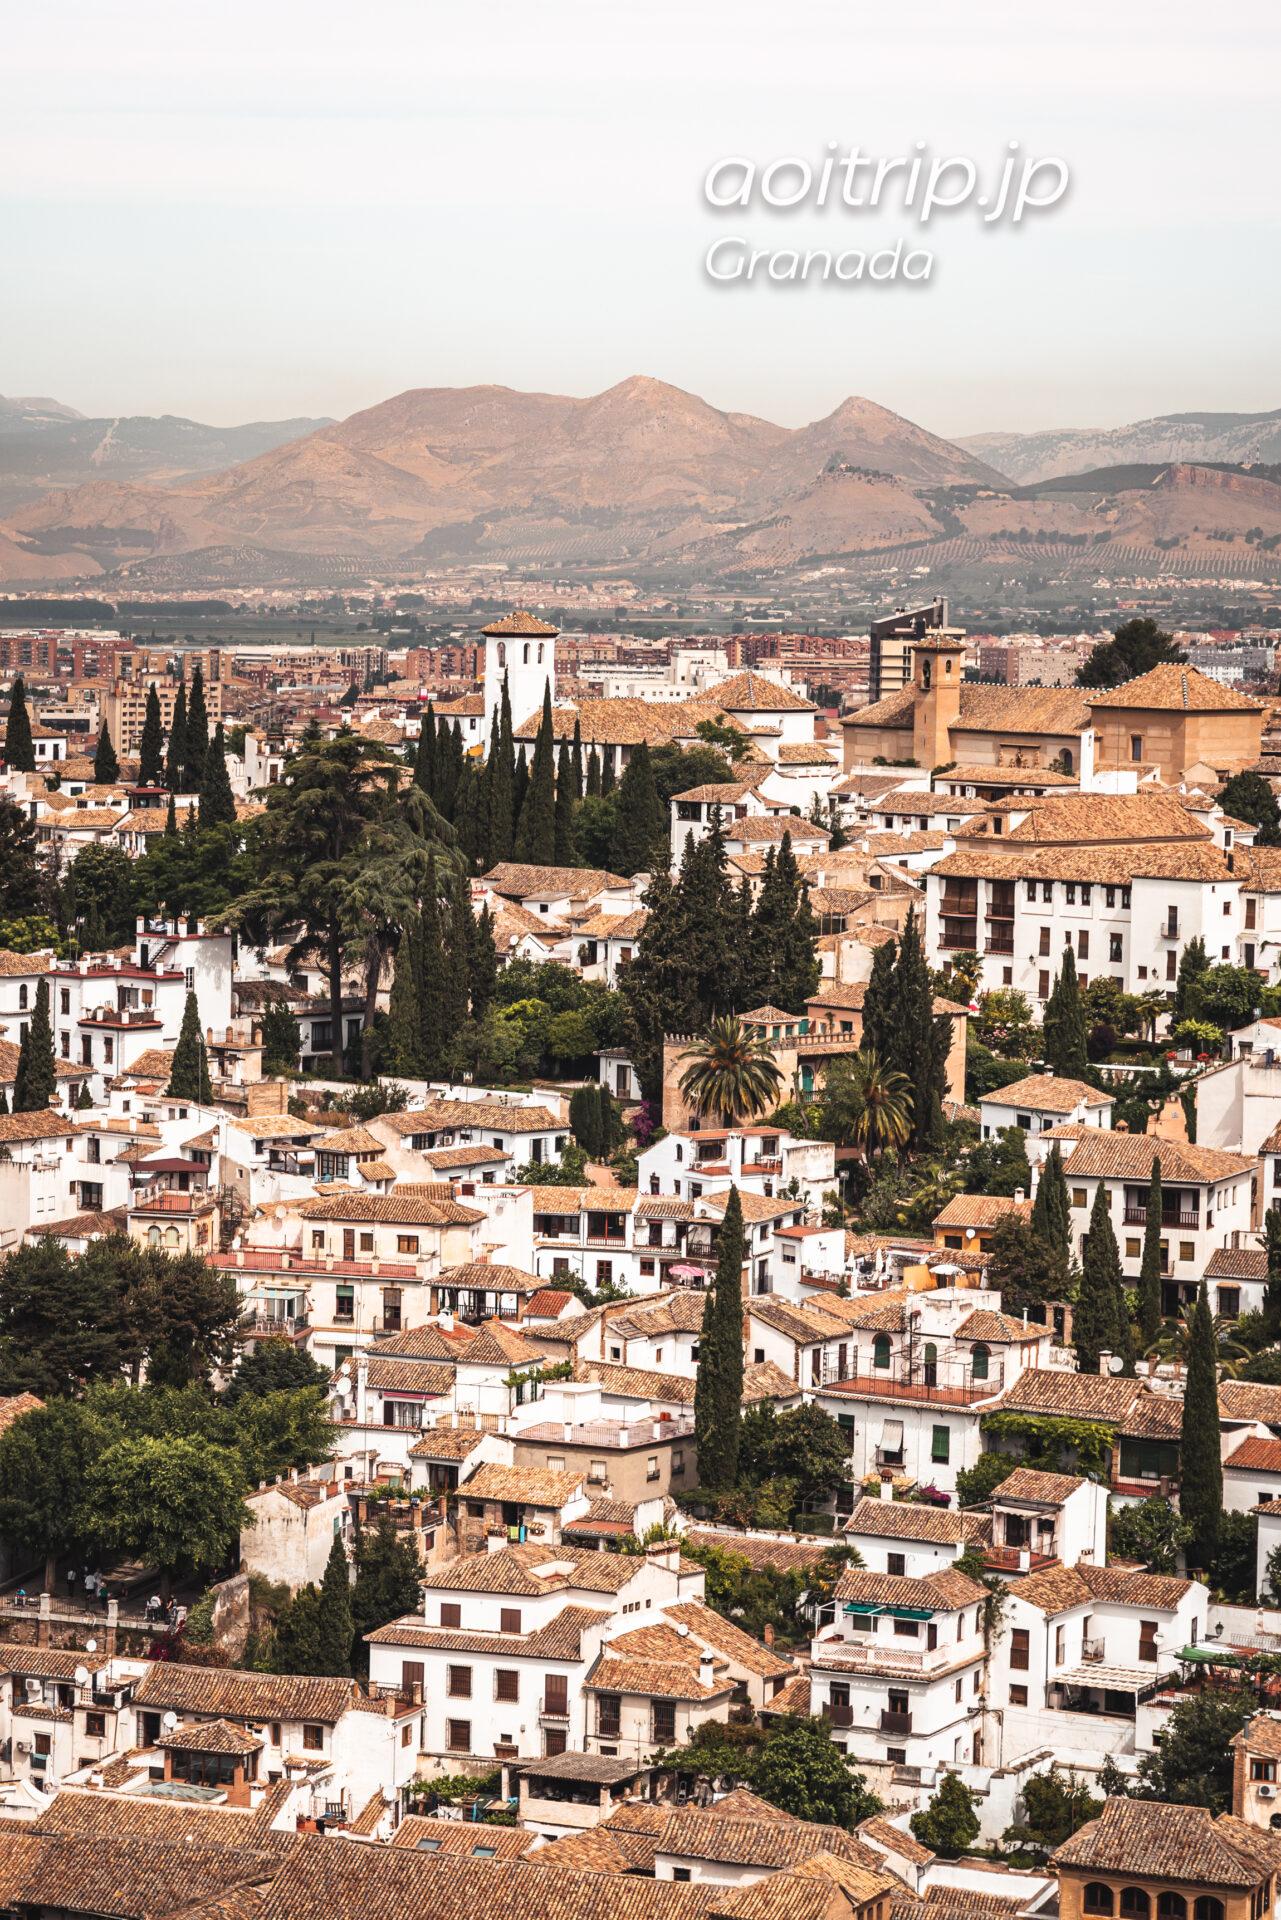 アルハンブラ宮殿アルカサバ アルマスの塔から望むアルバイシン地区の眺望